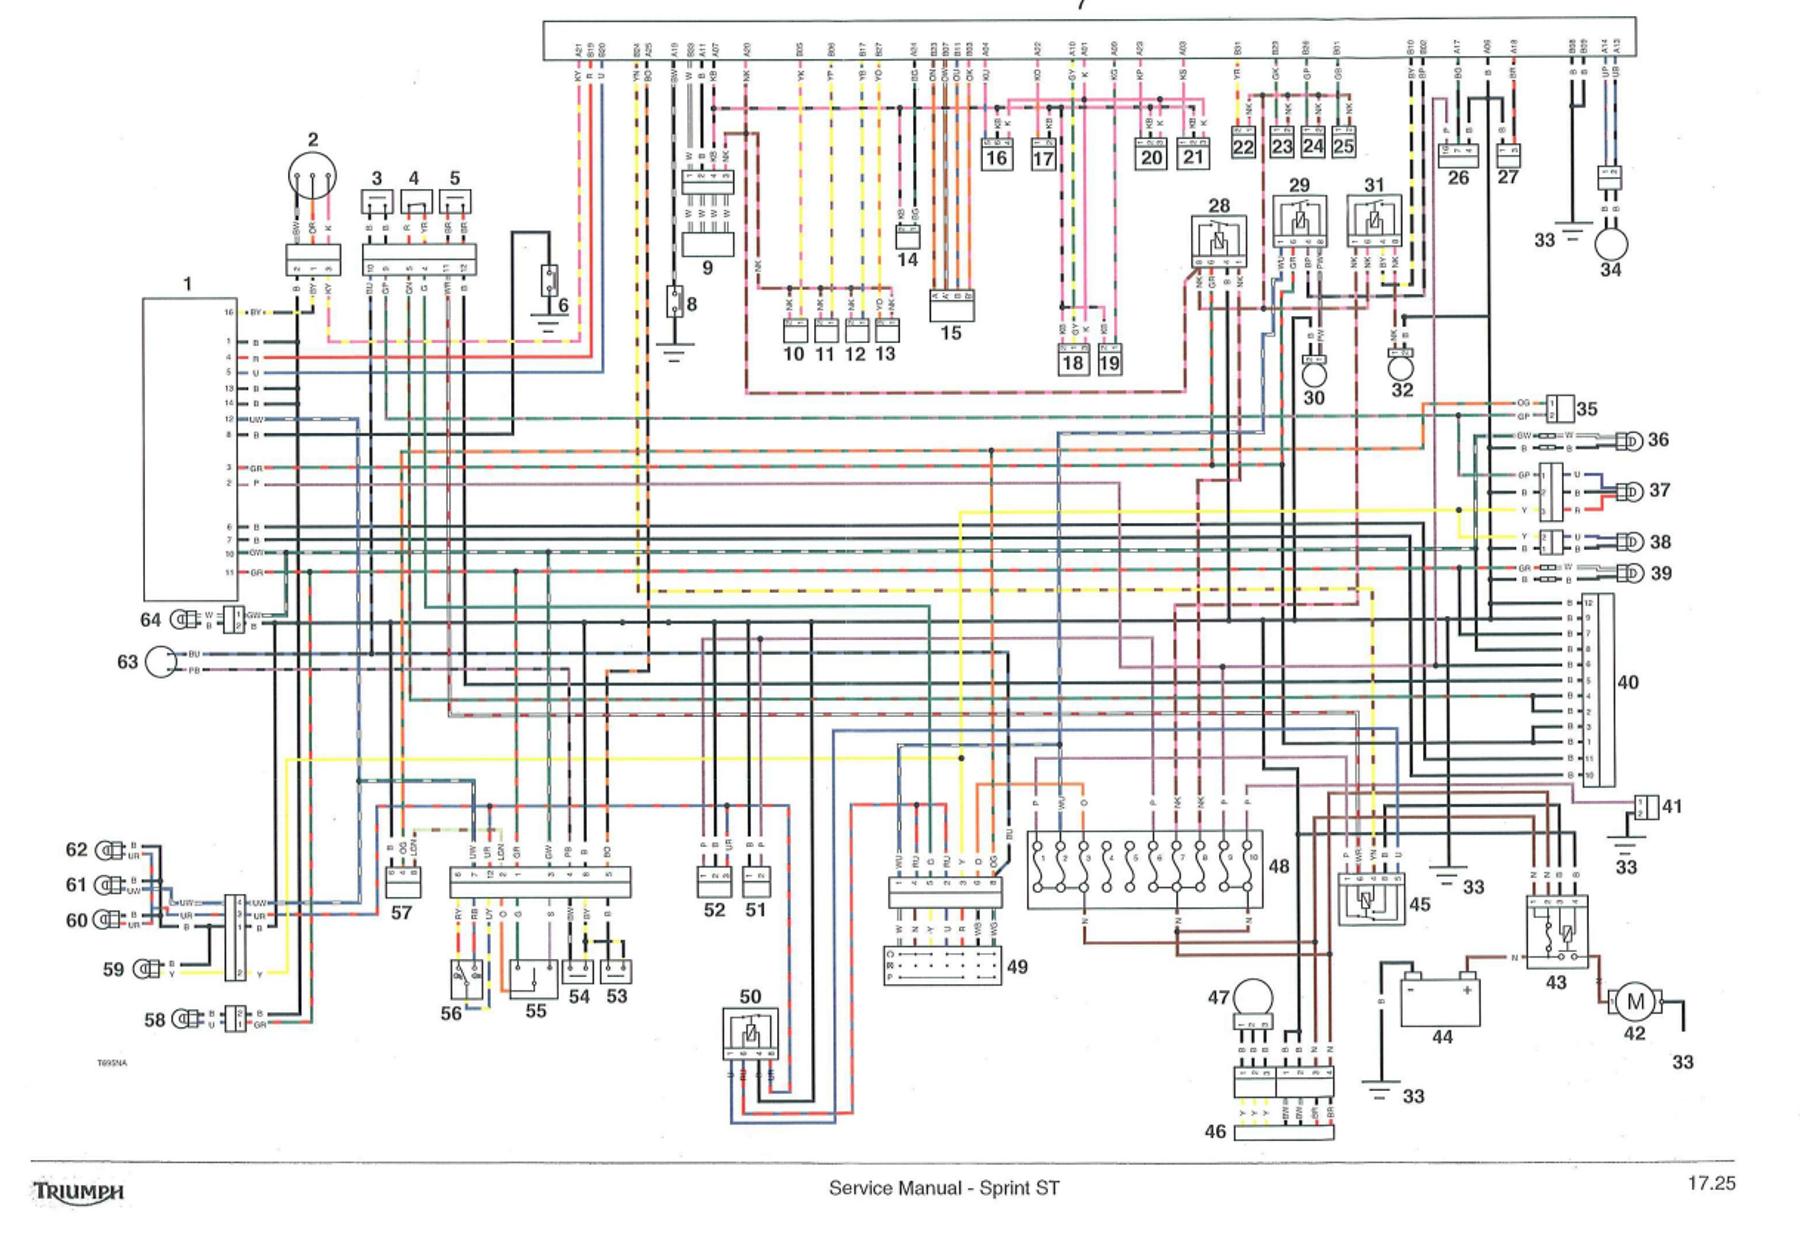 2016 Sprint Gt Wiring Diagram